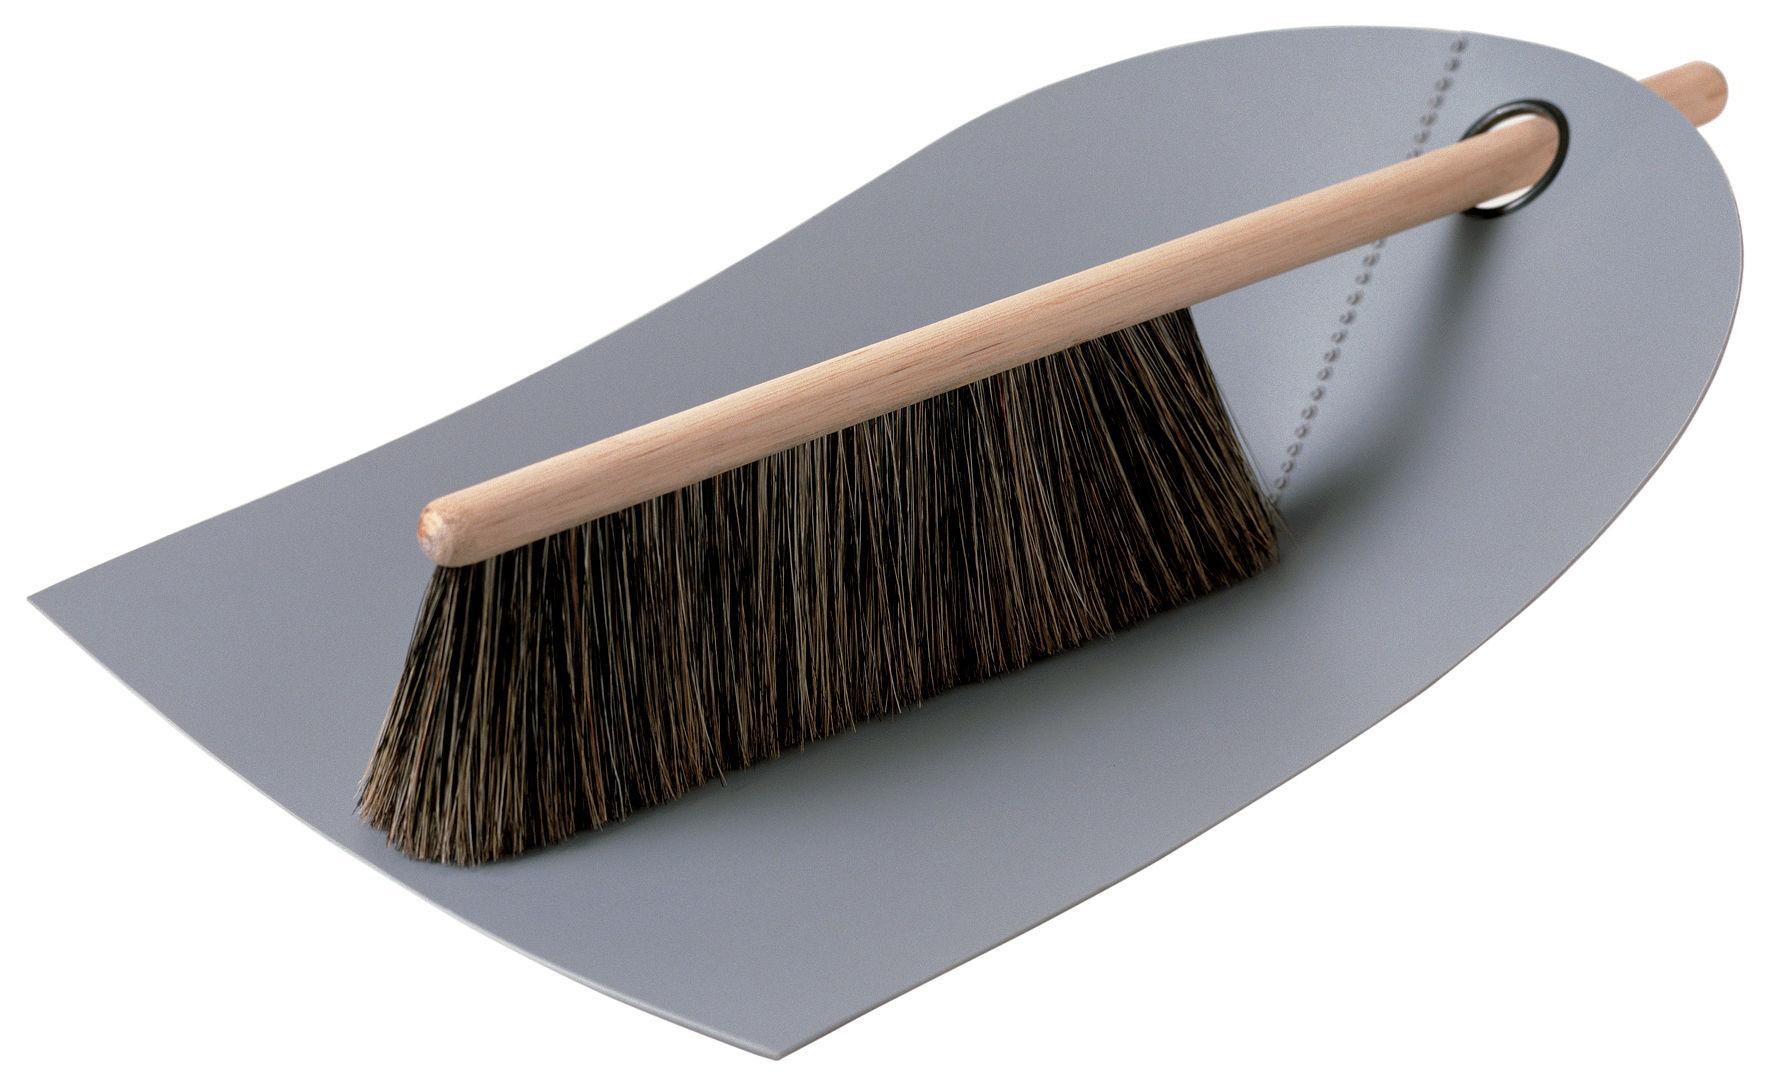 Cucina - Pulizia - Set scopa e paletta Dustpan & broom - Set 1 scopina + 1 paletta di Normann Copenhagen - Grigio chiaro - Faggio, Polipropilene